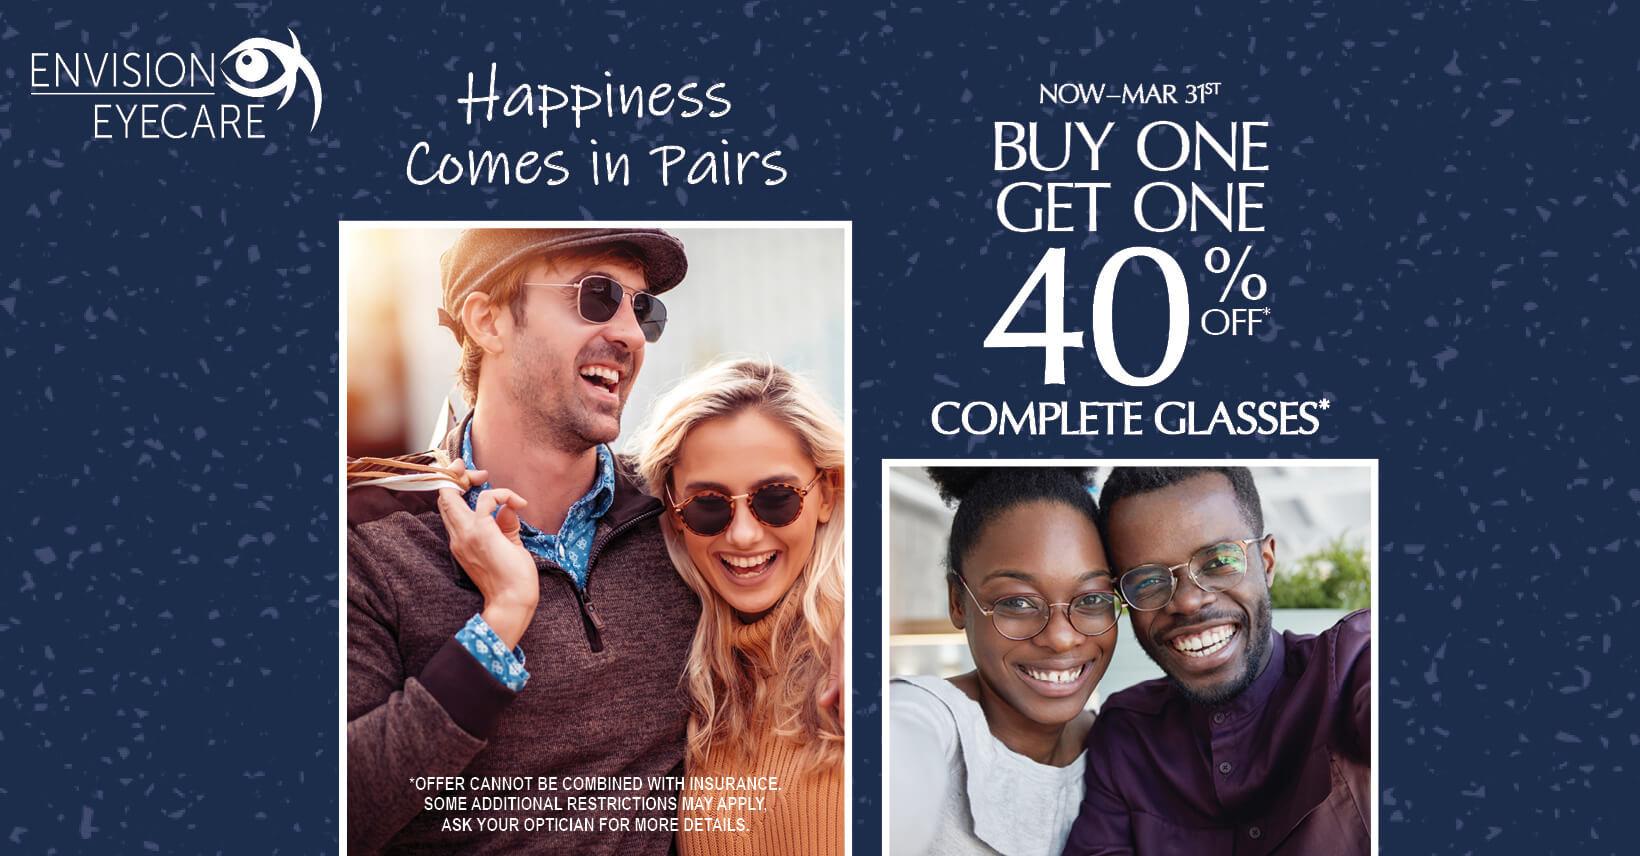 EnvisionEyecare_Q1_HappinessComesInPairs_webtile